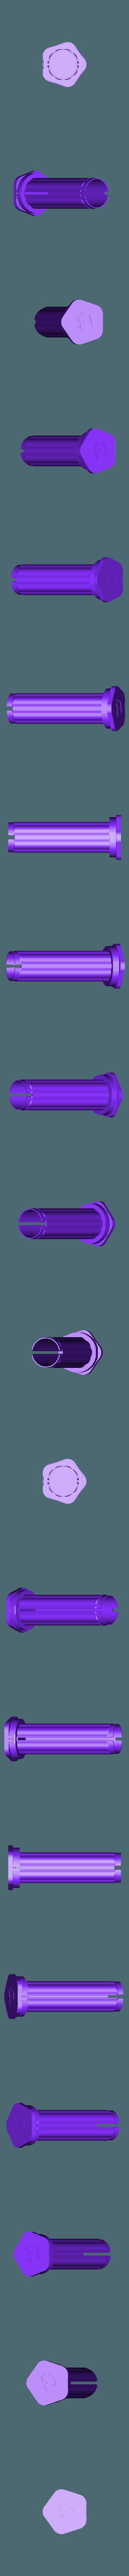 Cryptex_bottom.stl Télécharger fichier STL gratuit Stepper (en cliquant) Cryptex • Design à imprimer en 3D, c47